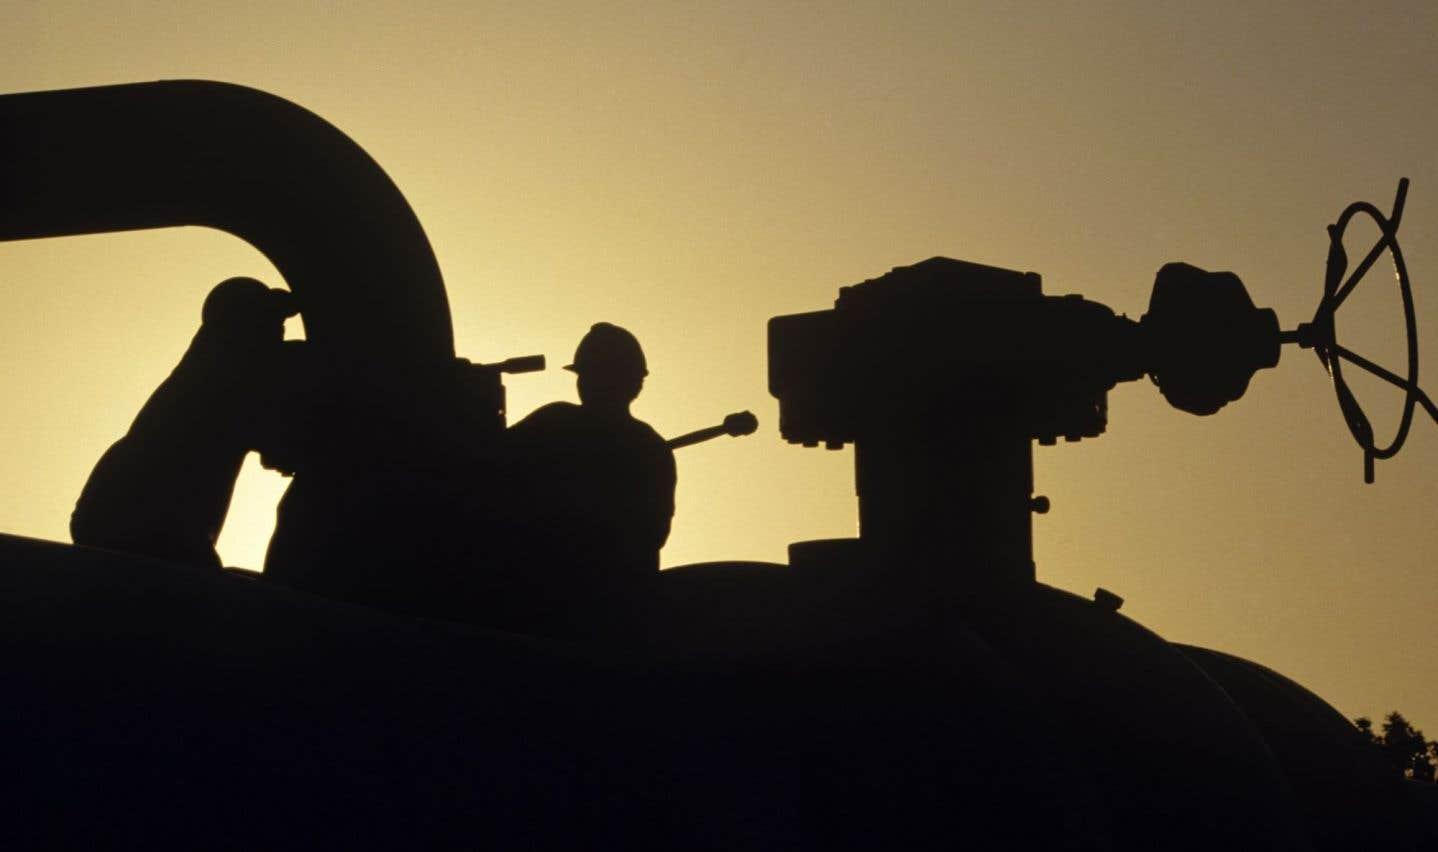 Les Québécois opposés aux hydrocarbures, selon un sondage